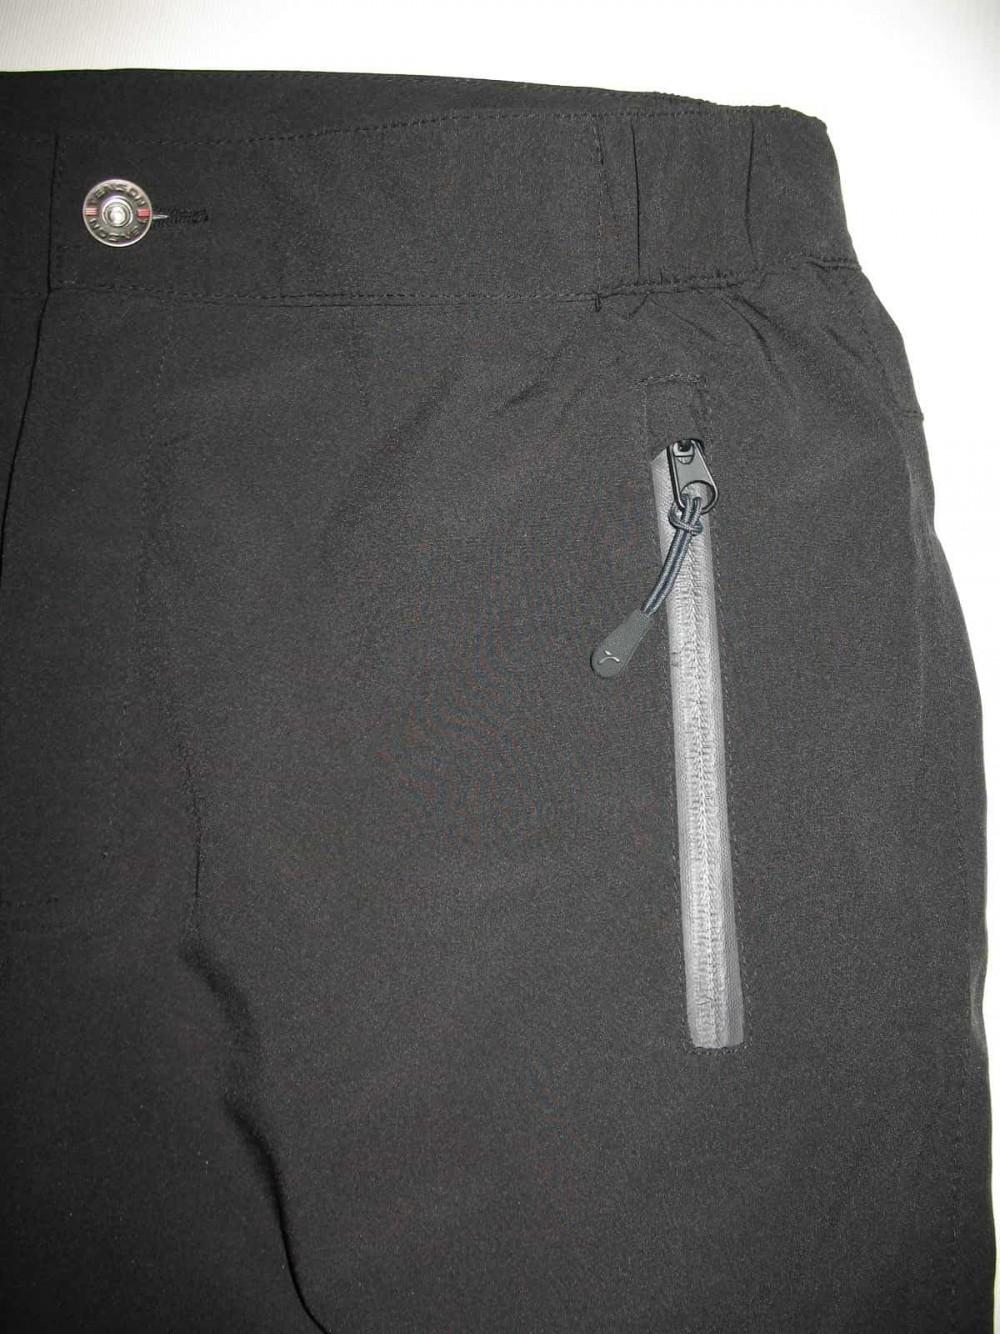 Штаны TENSON biscaya pants (размер M) - 4